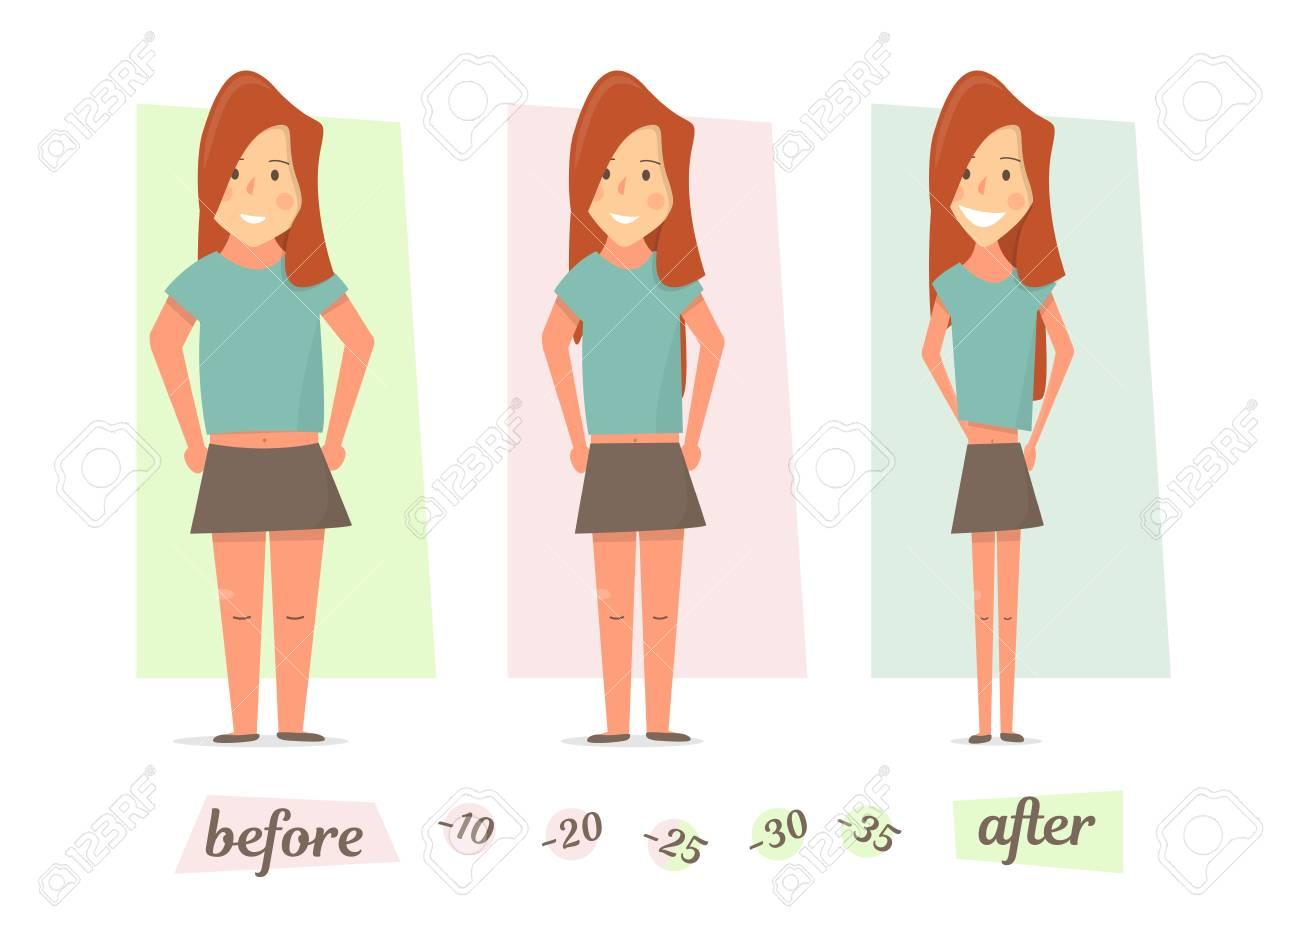 30 pérdida de peso antes y después